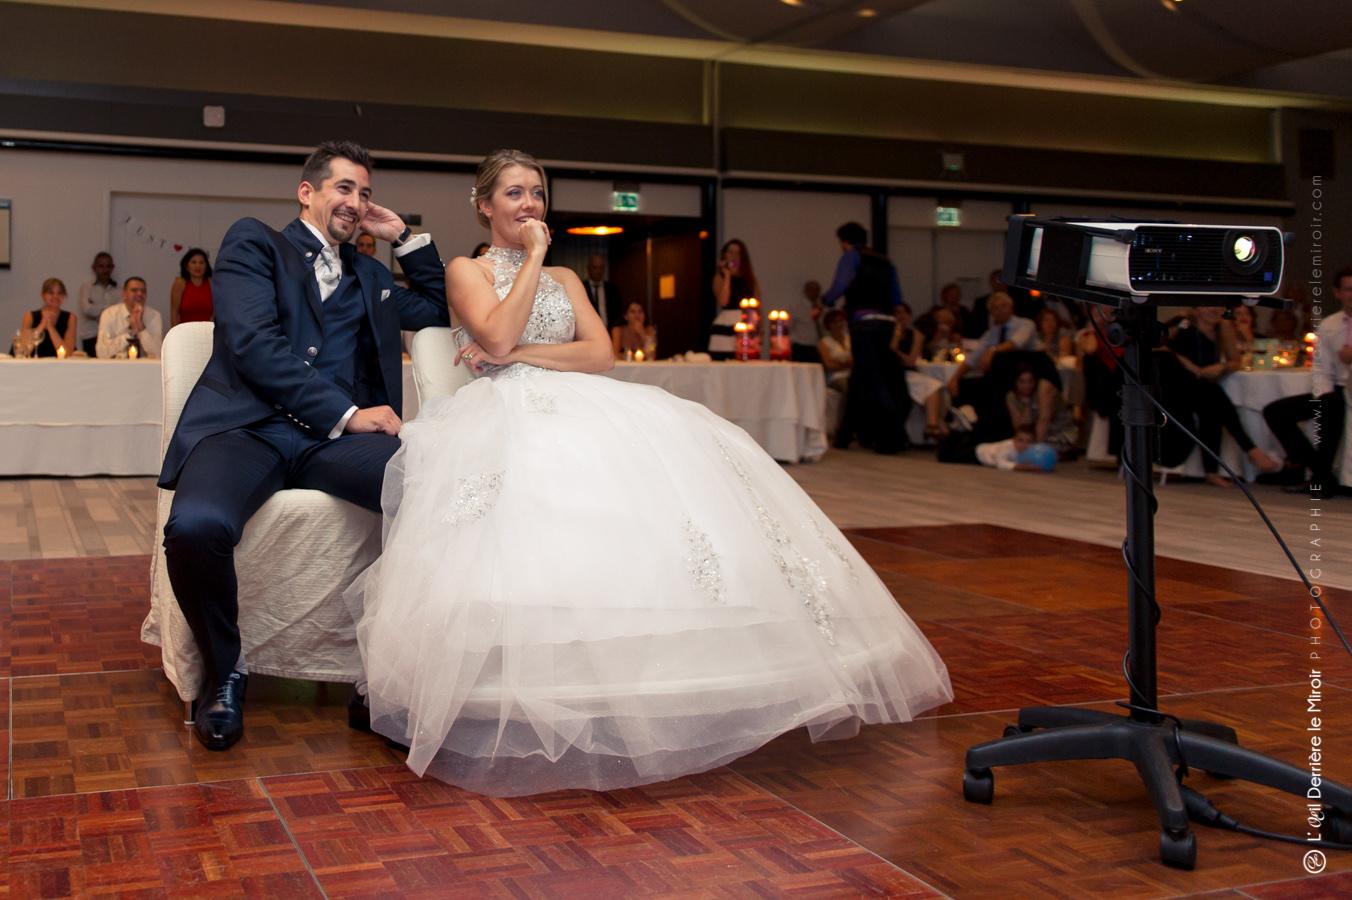 Photographe-mariage-monaco-loeilderrierelemiroir-098